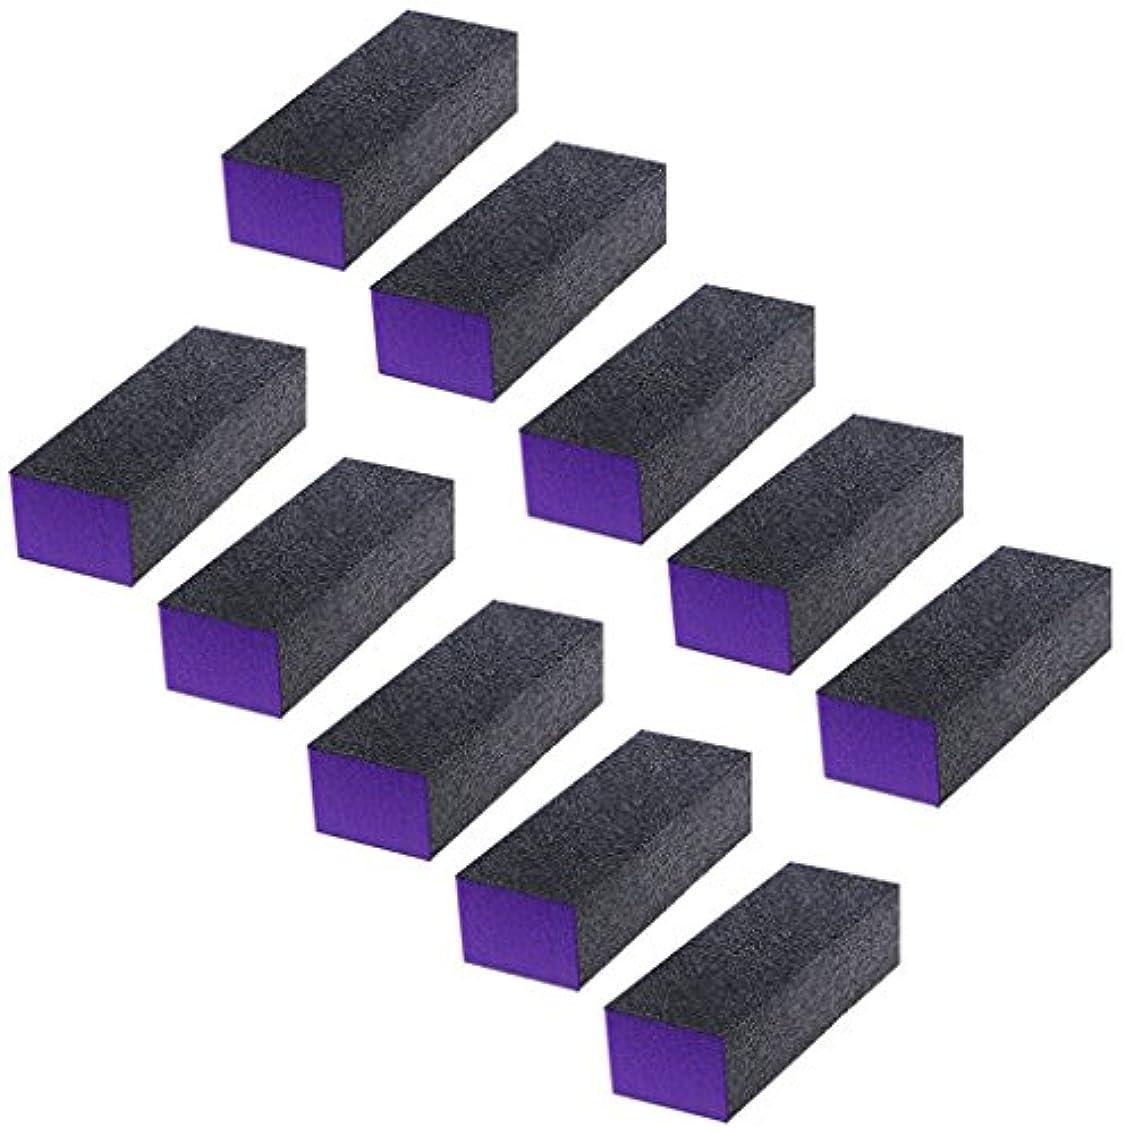 毛細血管爆発物控えるSharring 10個黒紫アップロードバフ研磨サンディングブロックファイルグリットネイルアートツールセット [並行輸入品]